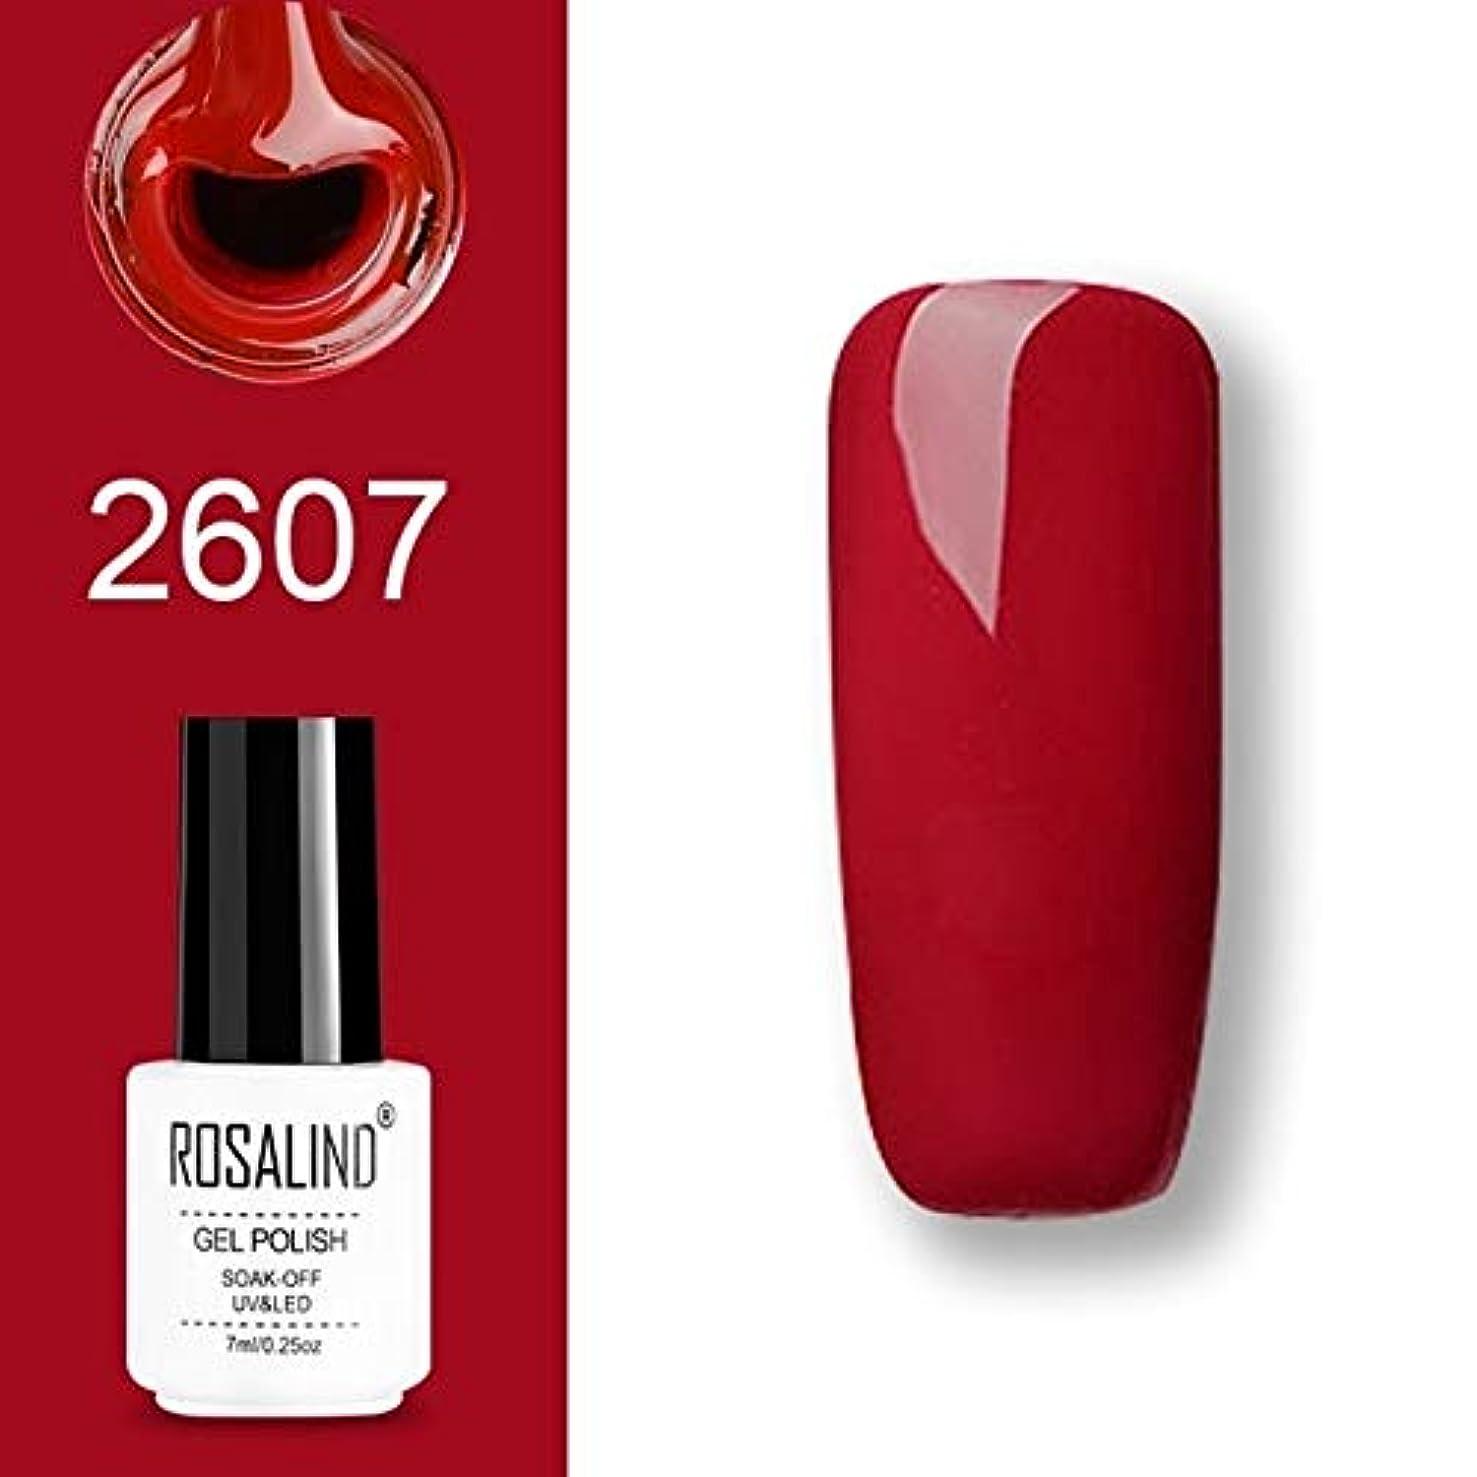 飽和する可塑性ごちそうCELINEZL CELINEZL ROSALINDジェルポリッシュセットUVセミパーマネントプライマートップコートポリジェルニスネイルアートマニキュアジェル、容量:7ml 2607